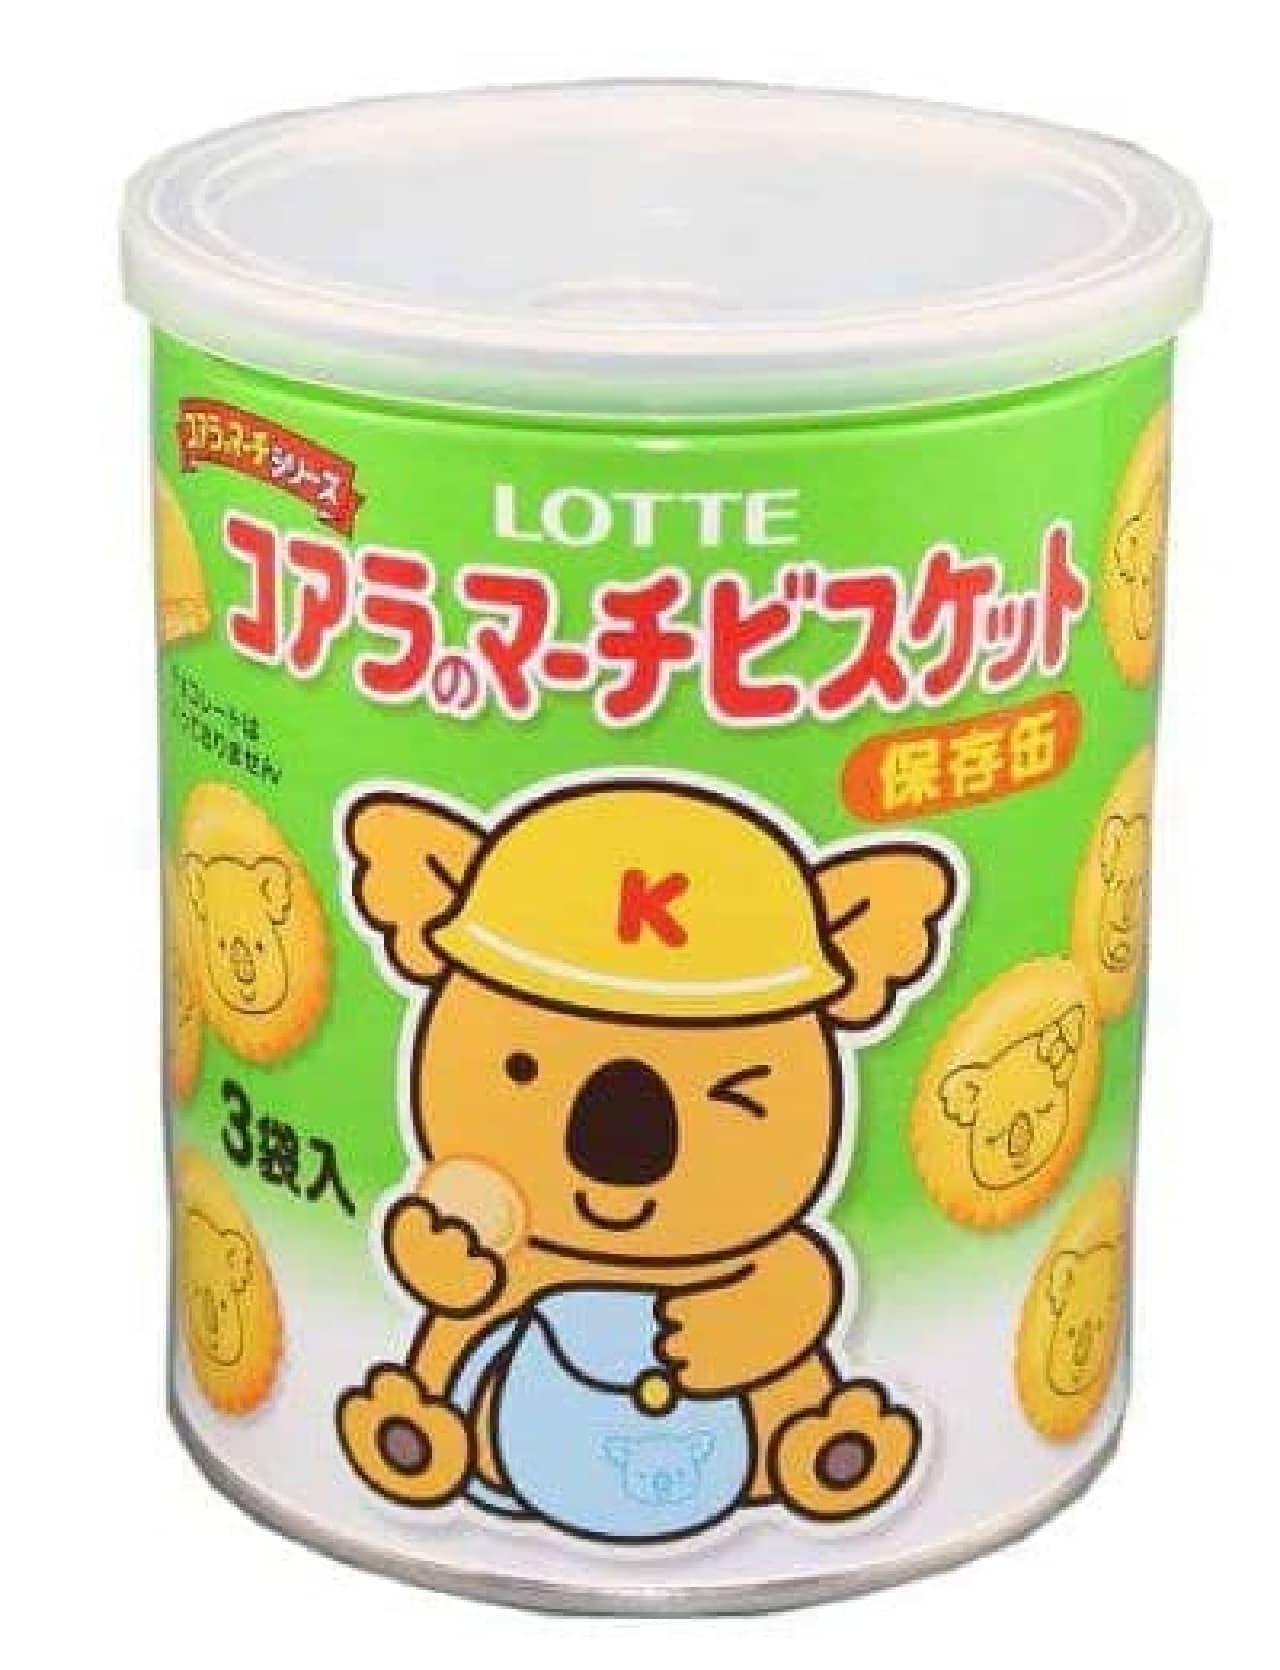 いつものお菓子が、もしものお菓子に―コアラのマーチ災害用保存缶